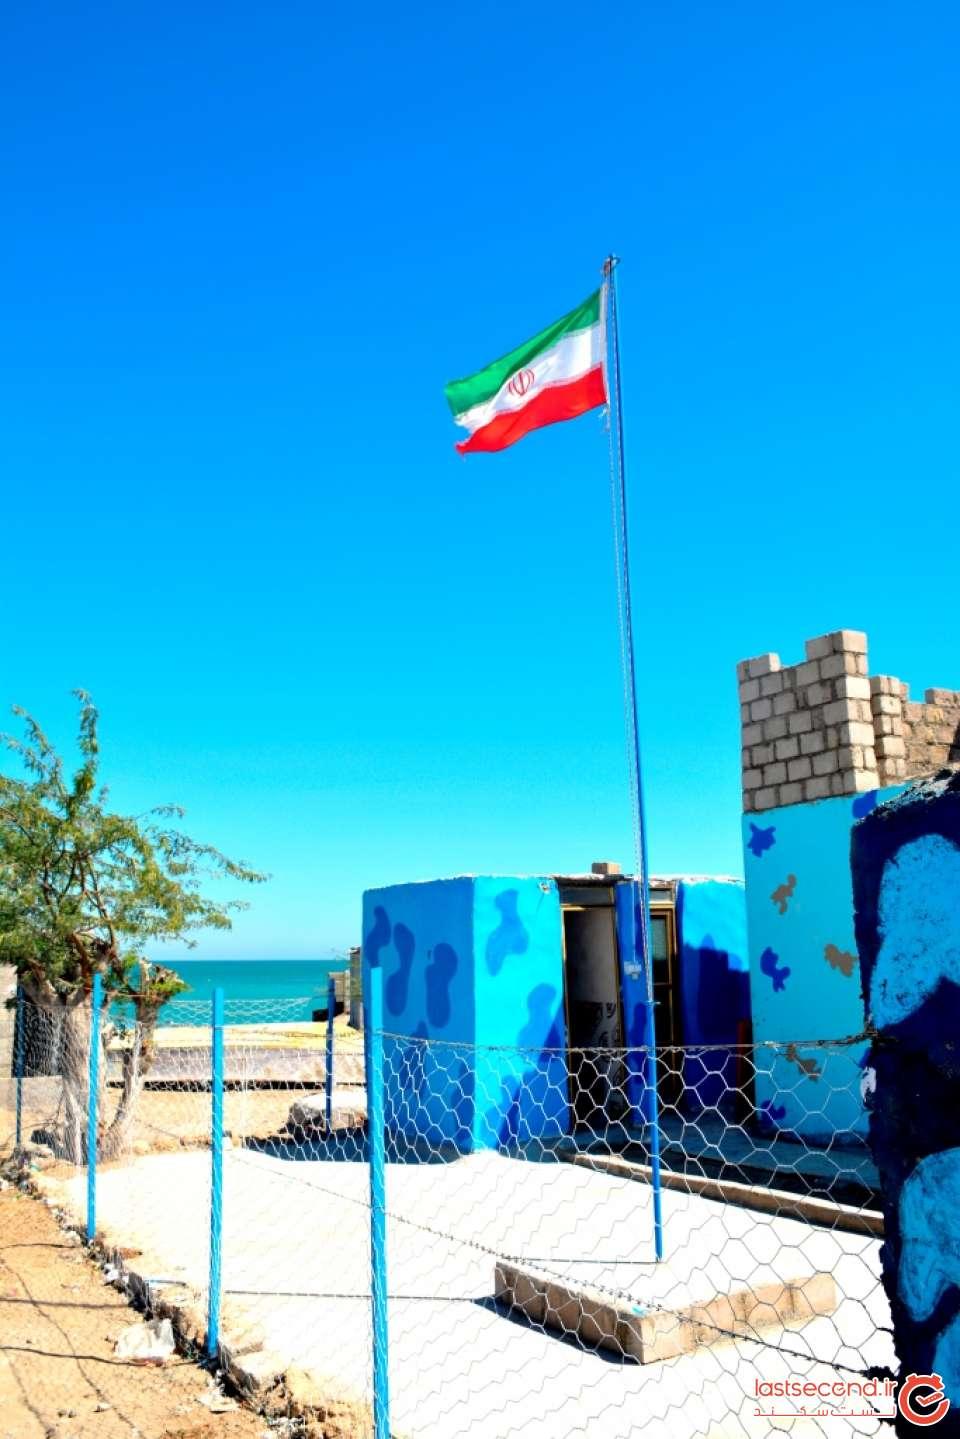 پاسگاه ایران در نقطه صفر مرزی